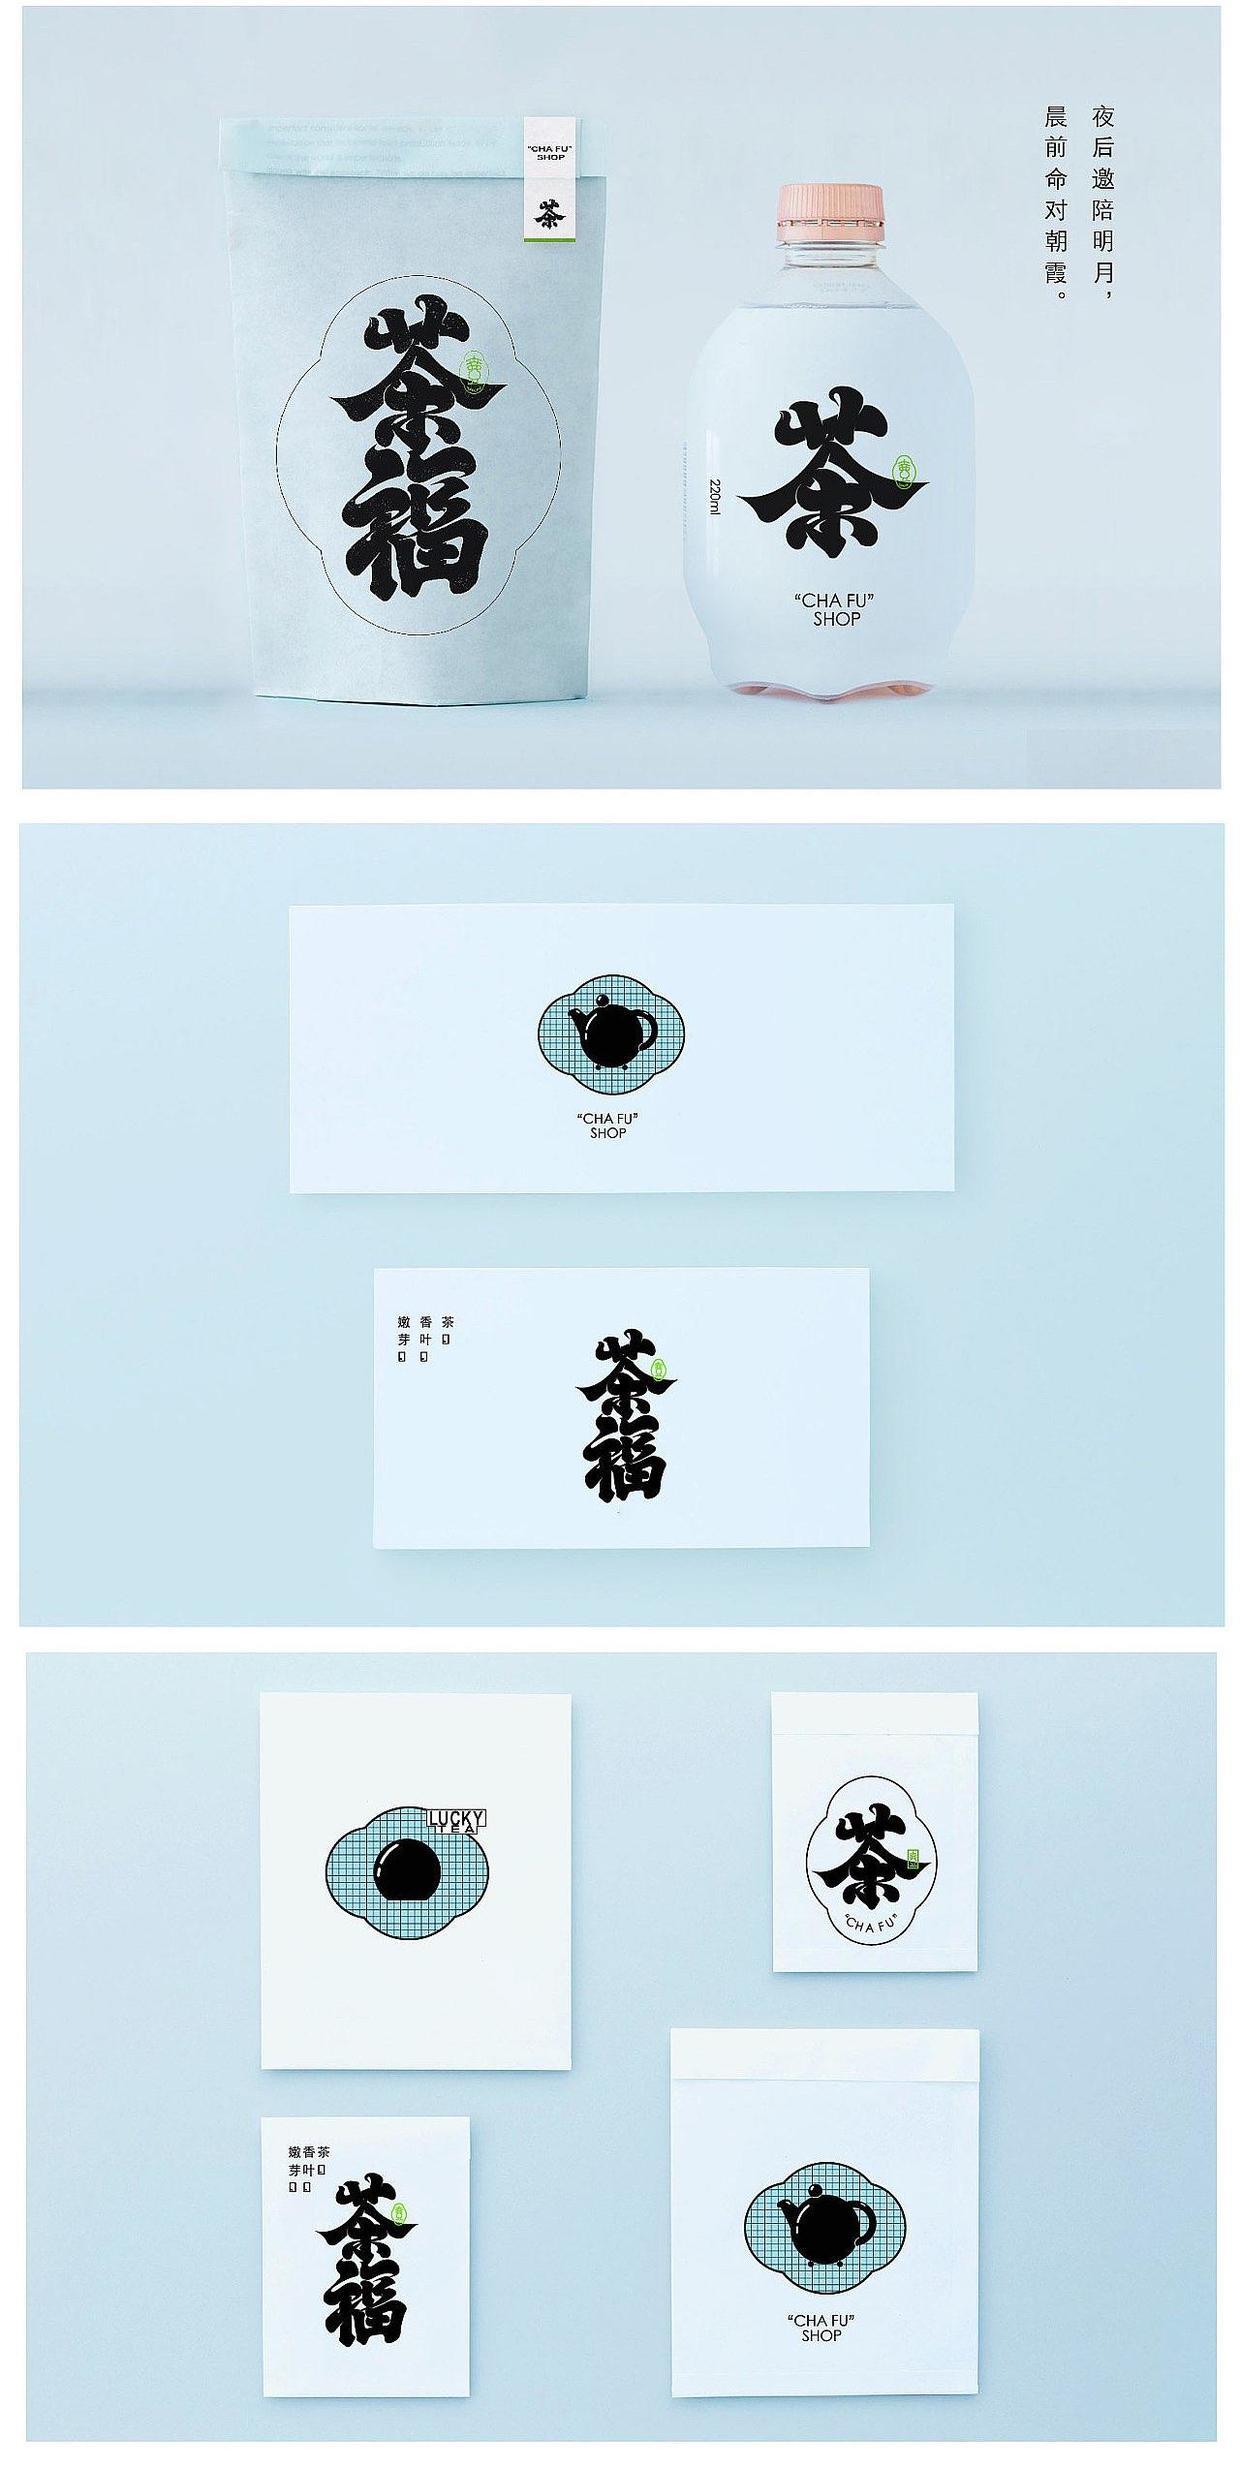 新型茶饮品「茶福」LOGO设计